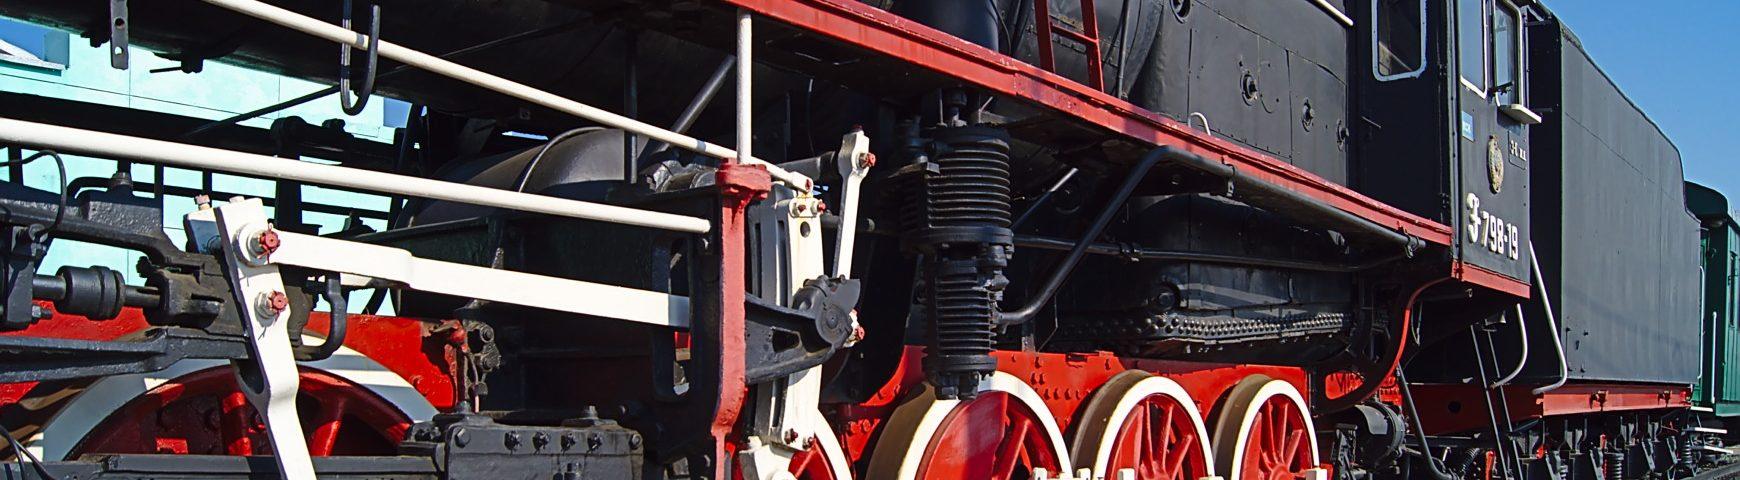 alte Dampflok auf einemBahnhof transibirischen eisenbahn